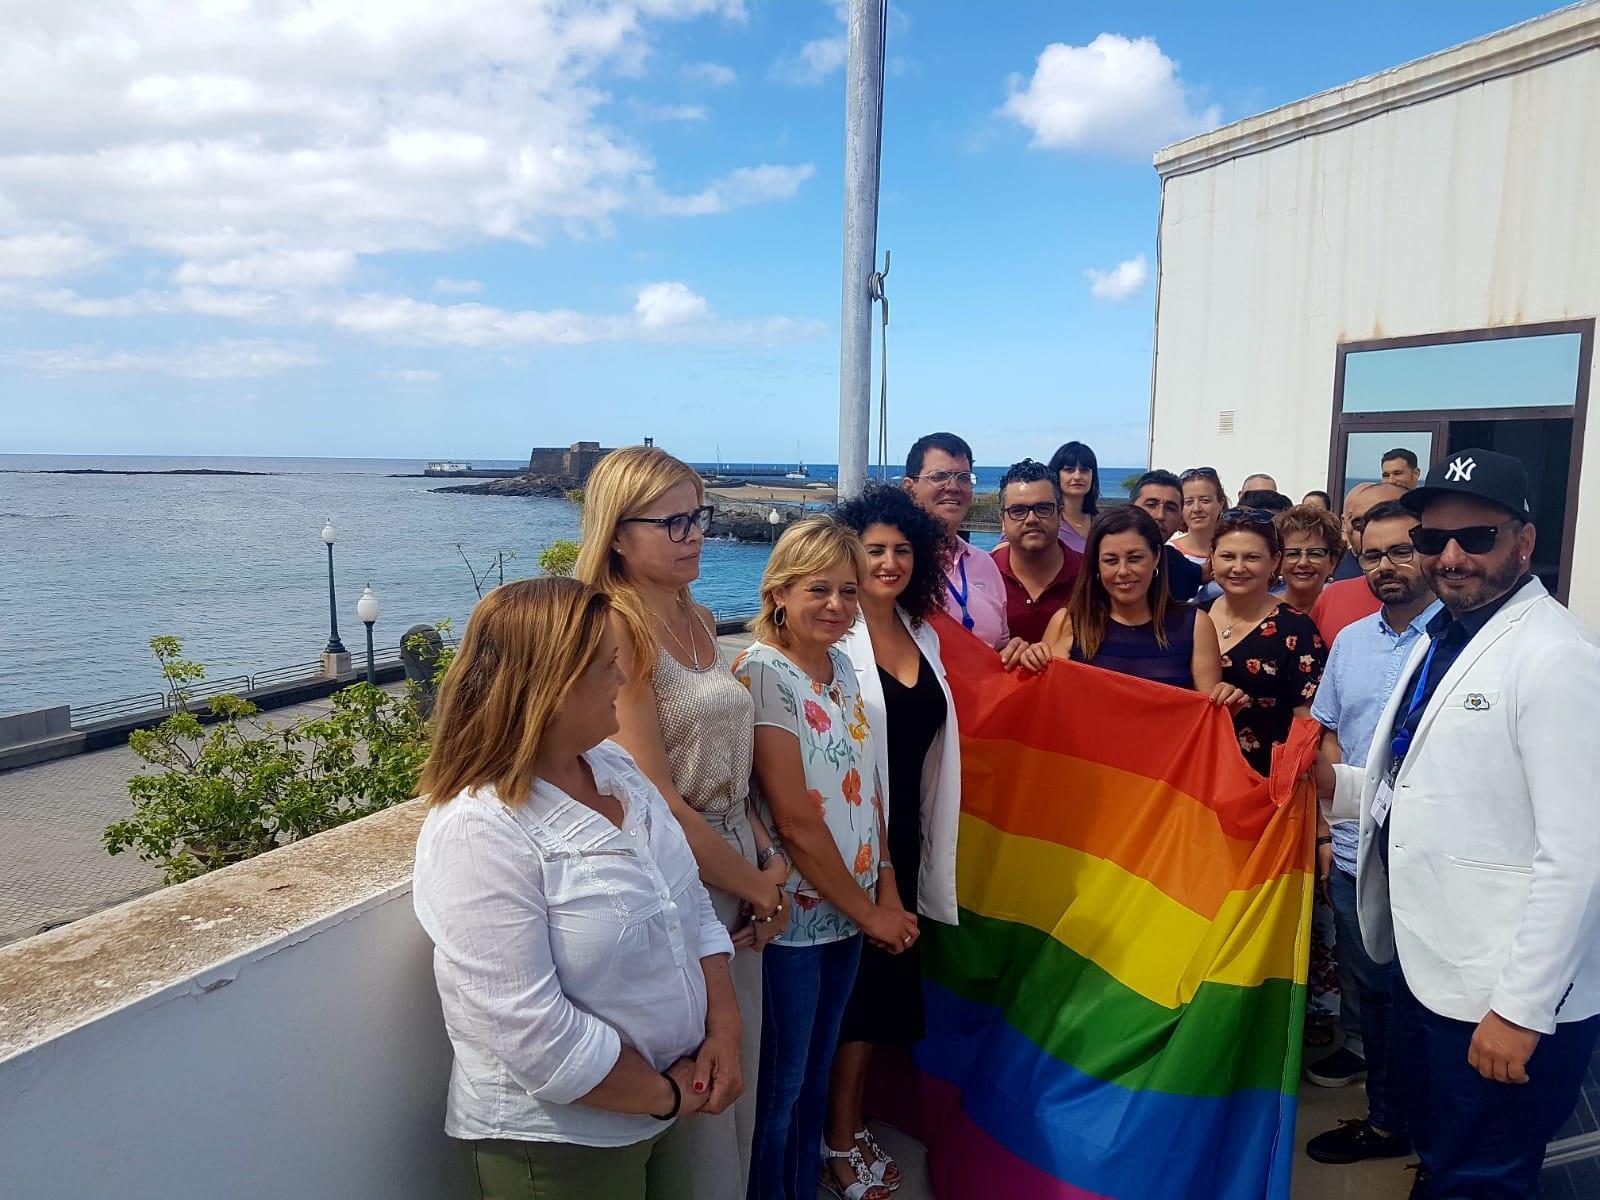 La bandera del Orgullo ondea en el Ayuntamiento de Arrecife